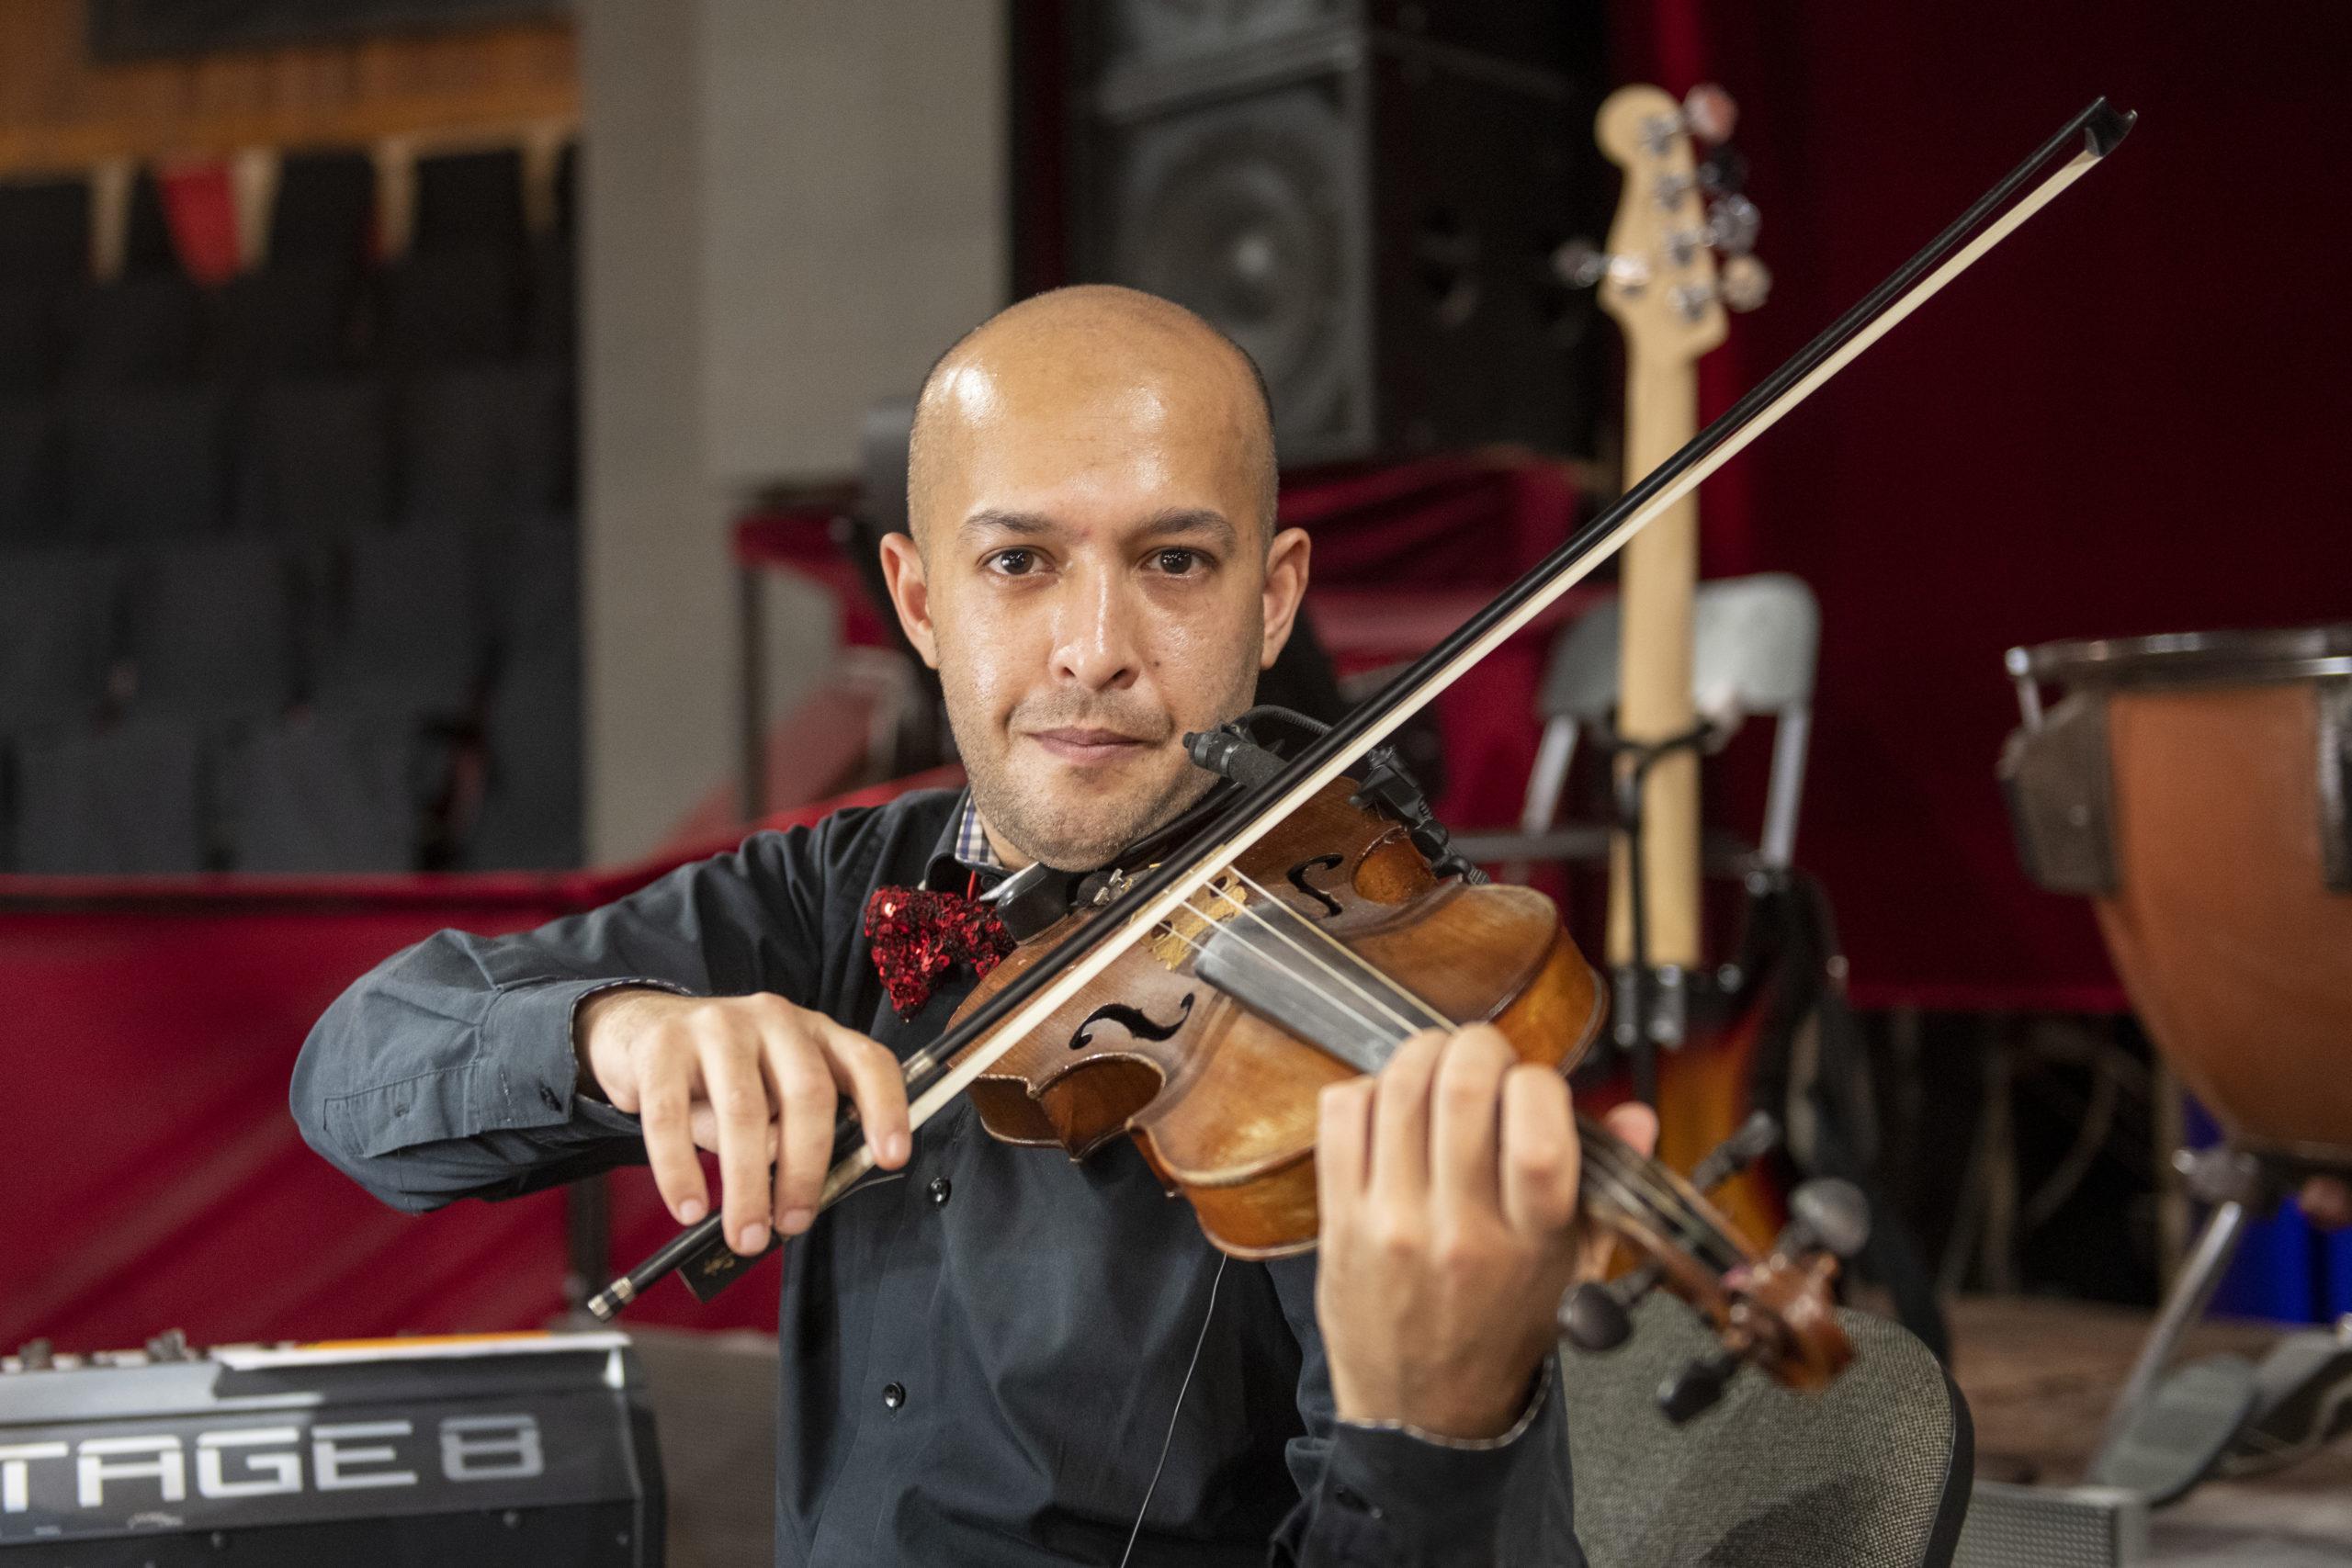 Csodagyerekként tartották számon a Fővárosi Nagycirkusz új hegedűművészét